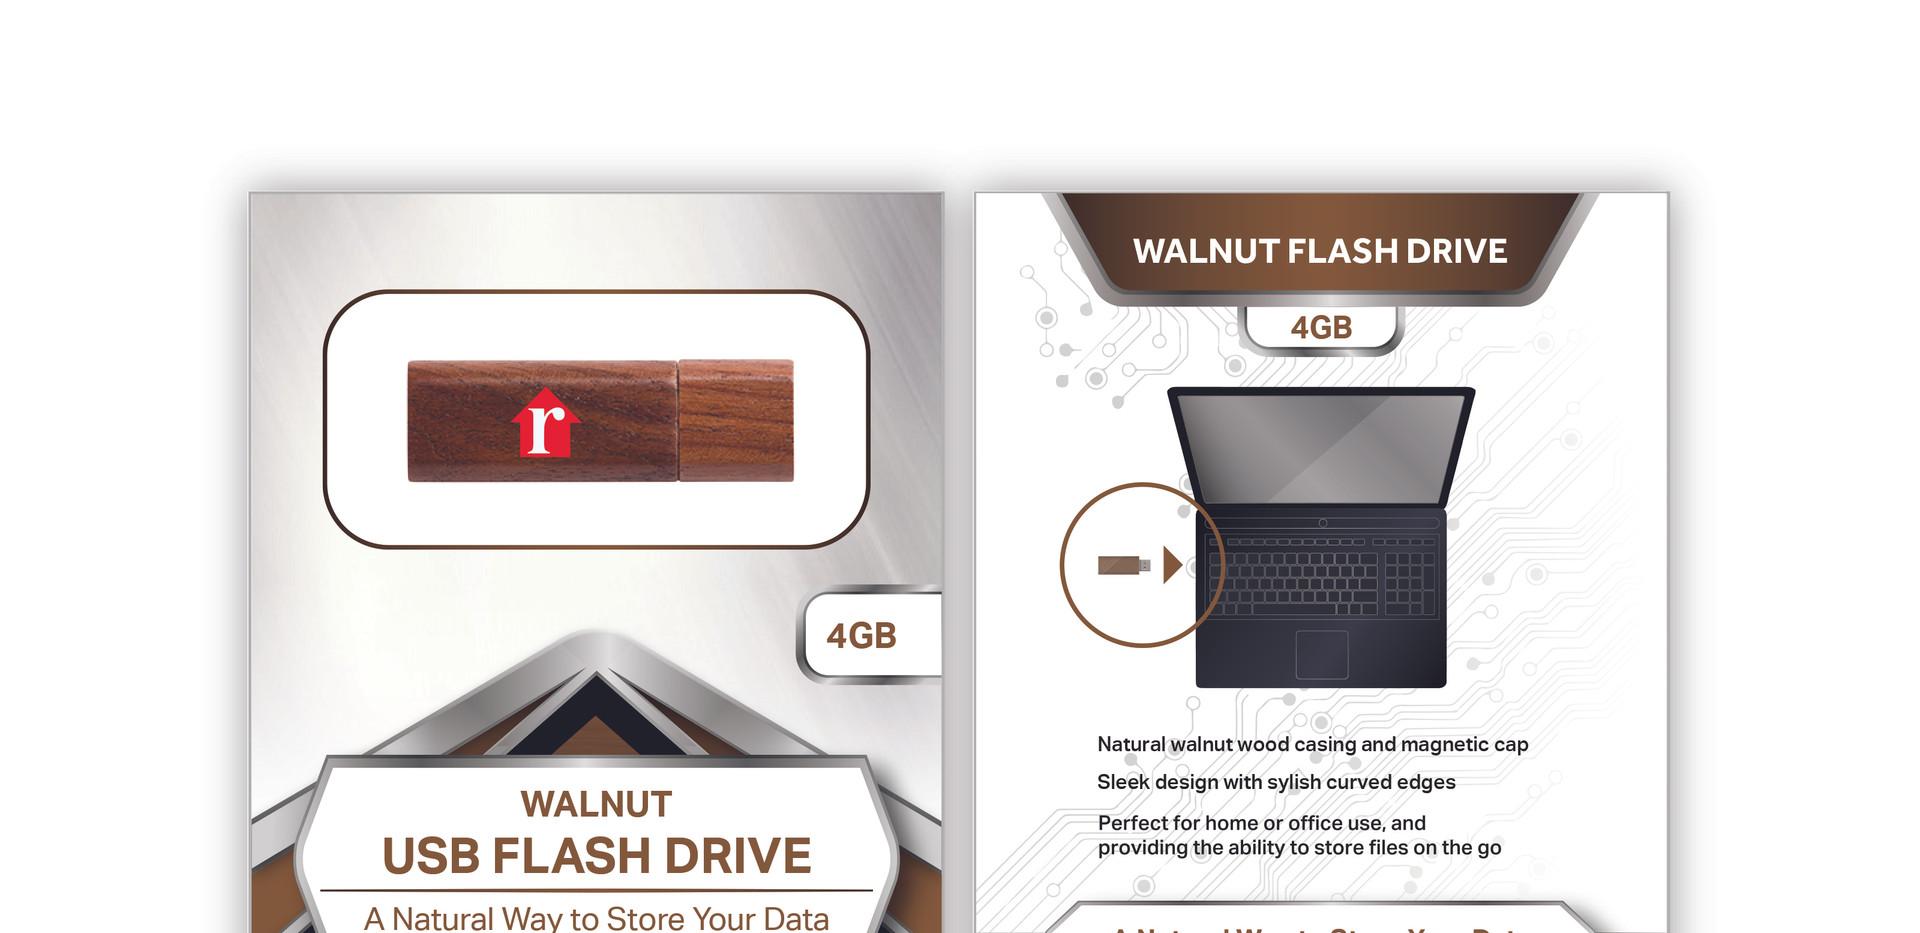 Realtor Walnut Flash Drive standard pack